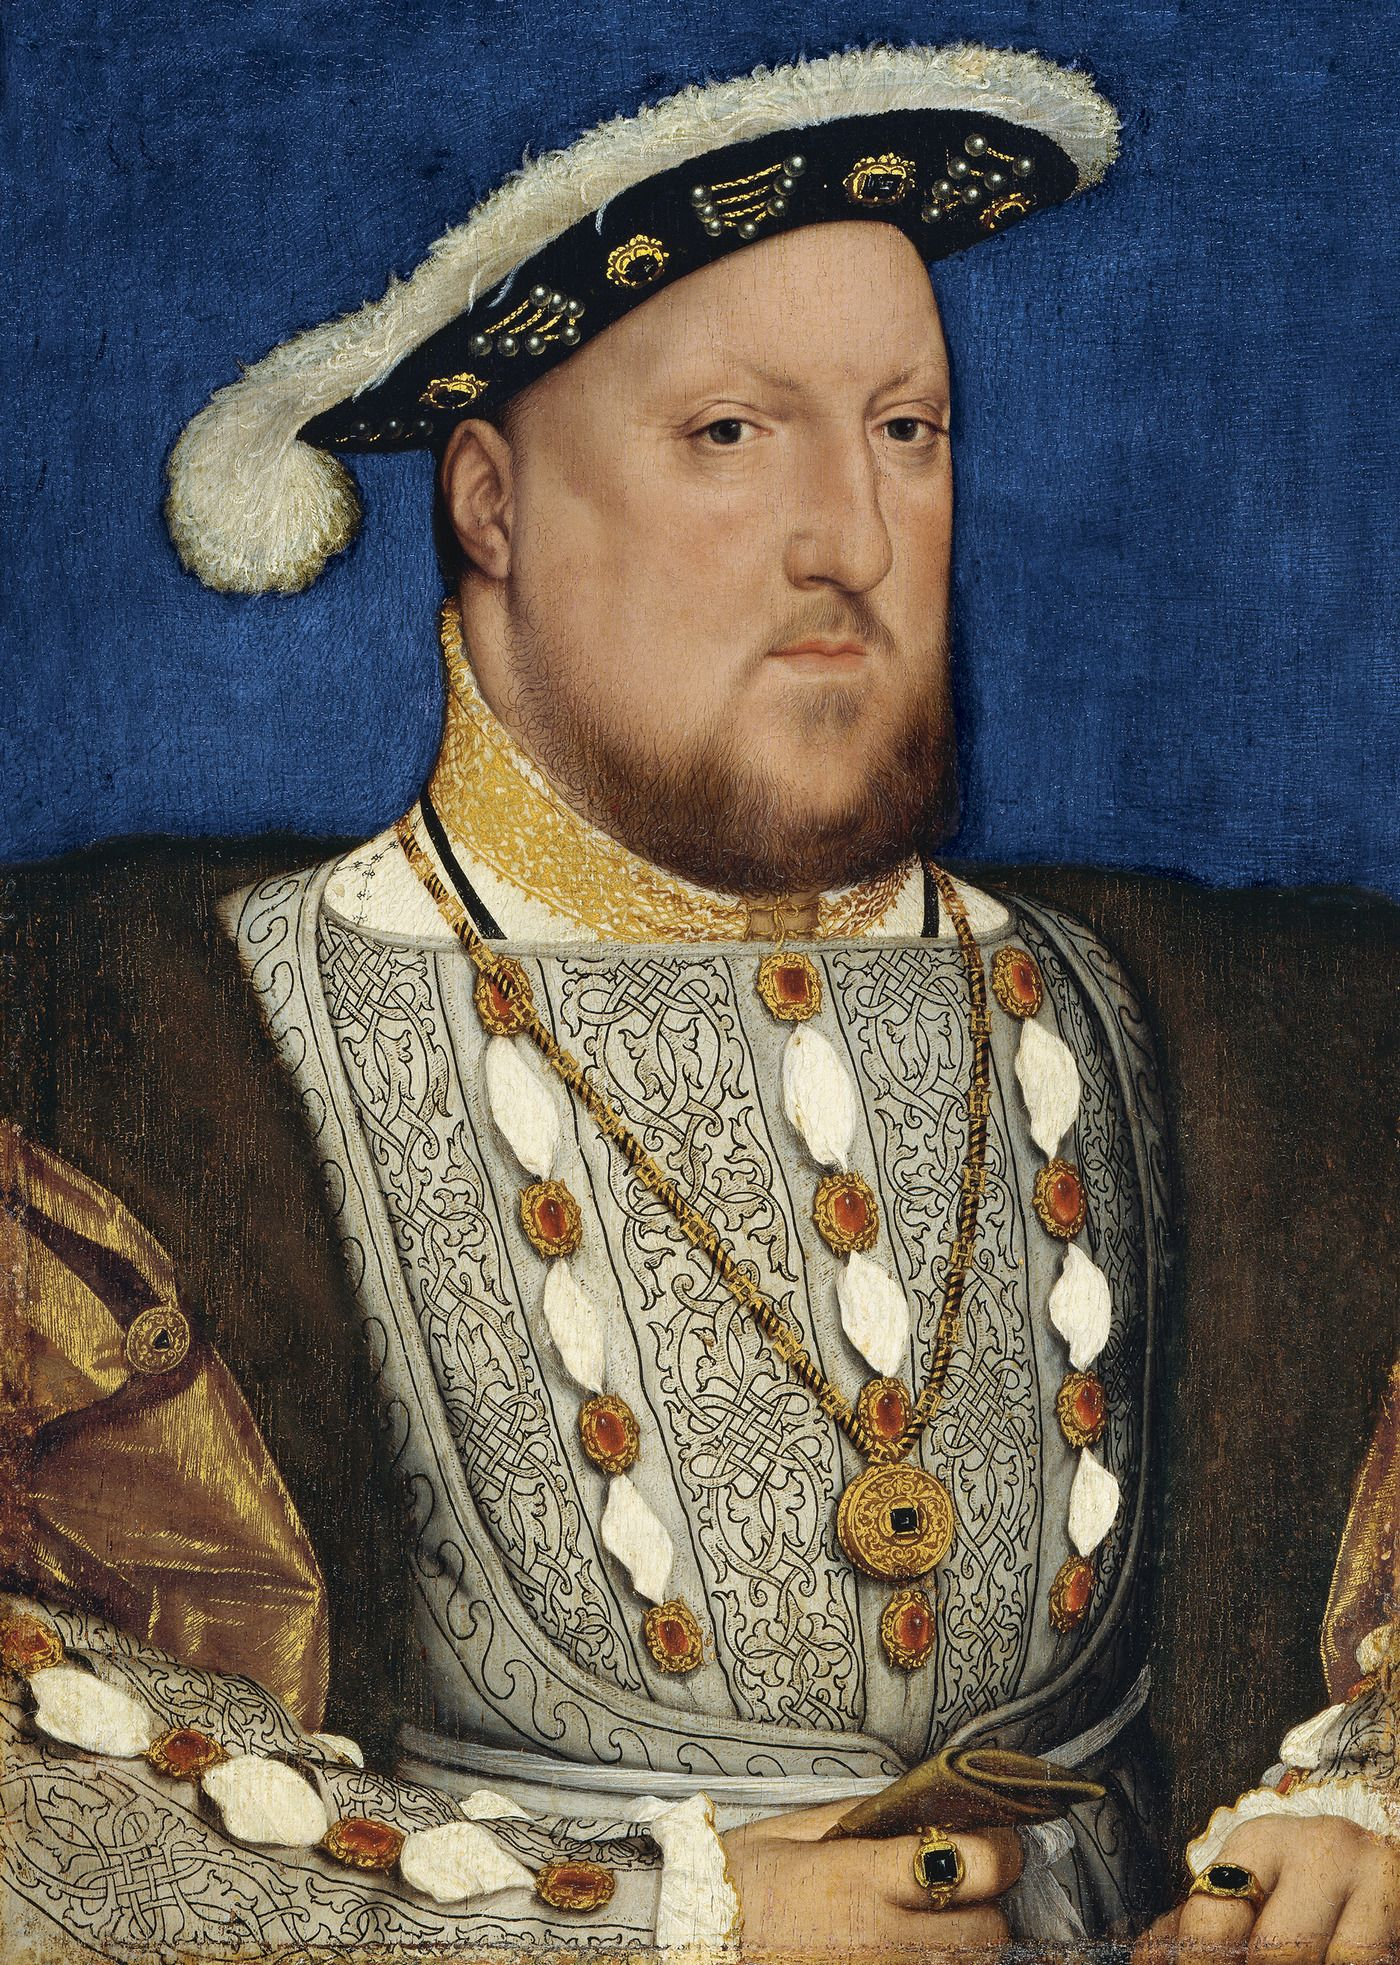 Henrykowi VIII marzyło się osadzenie swojego syna na szkockim tronie. Przebiegła Maria de Guise miała jednak inne plany.